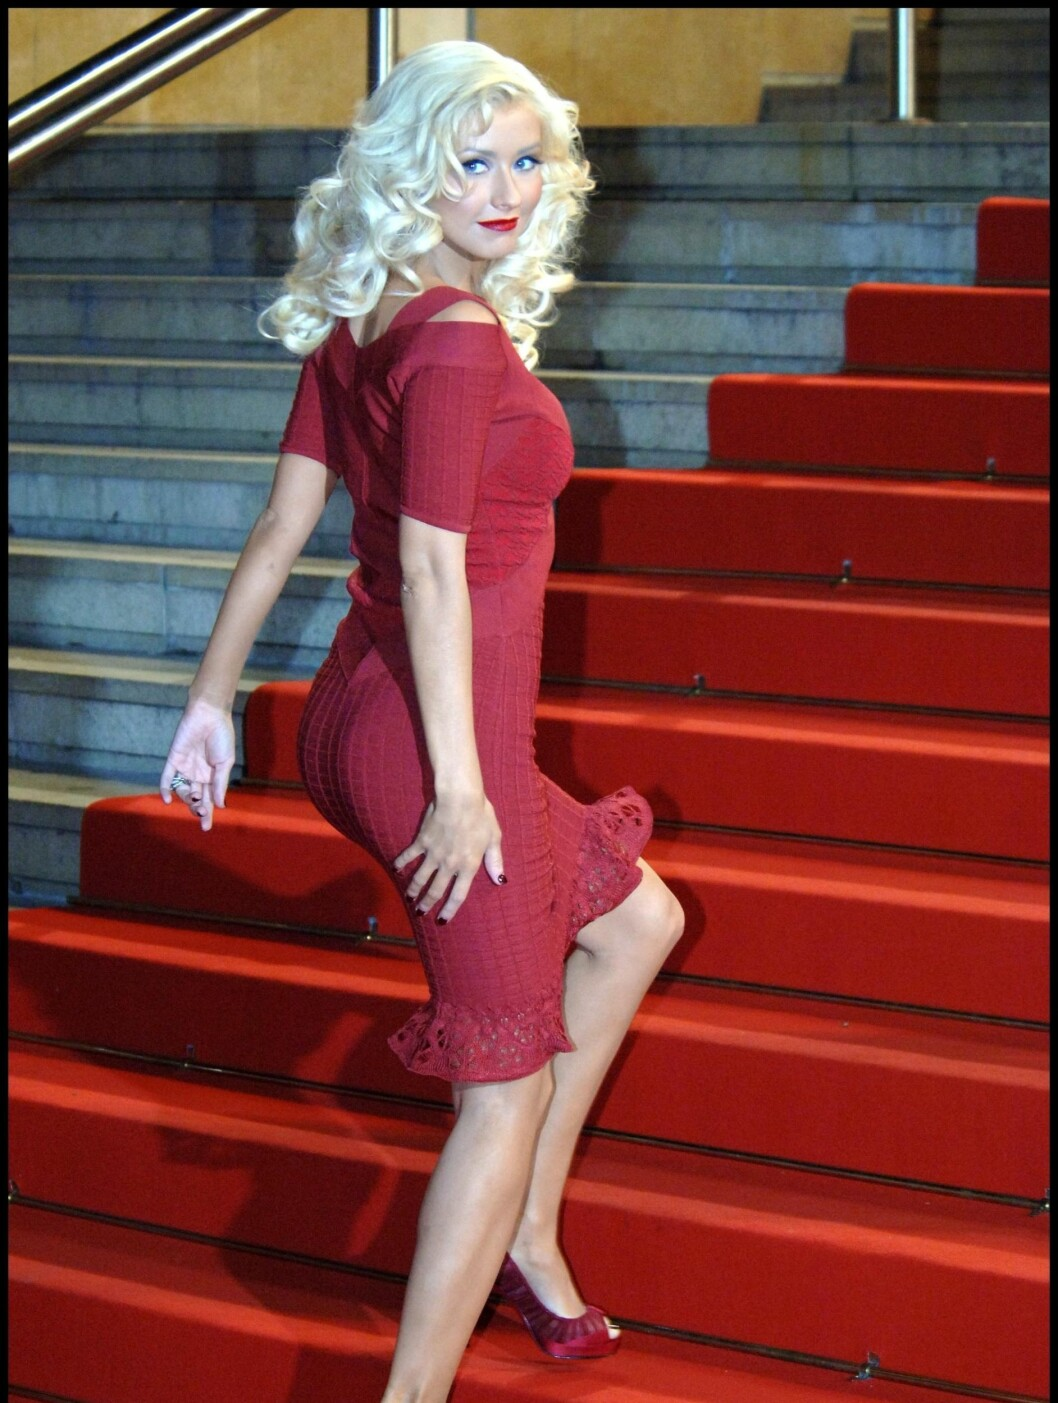 KURVER PÅ CANNES: Det er ikke bare fargede jenter som er stolte av rompa. Her viser Christina Aguilera den fram i en trang rød kjole på filmfestivalen i Cannes. Foto: Fame Flynet